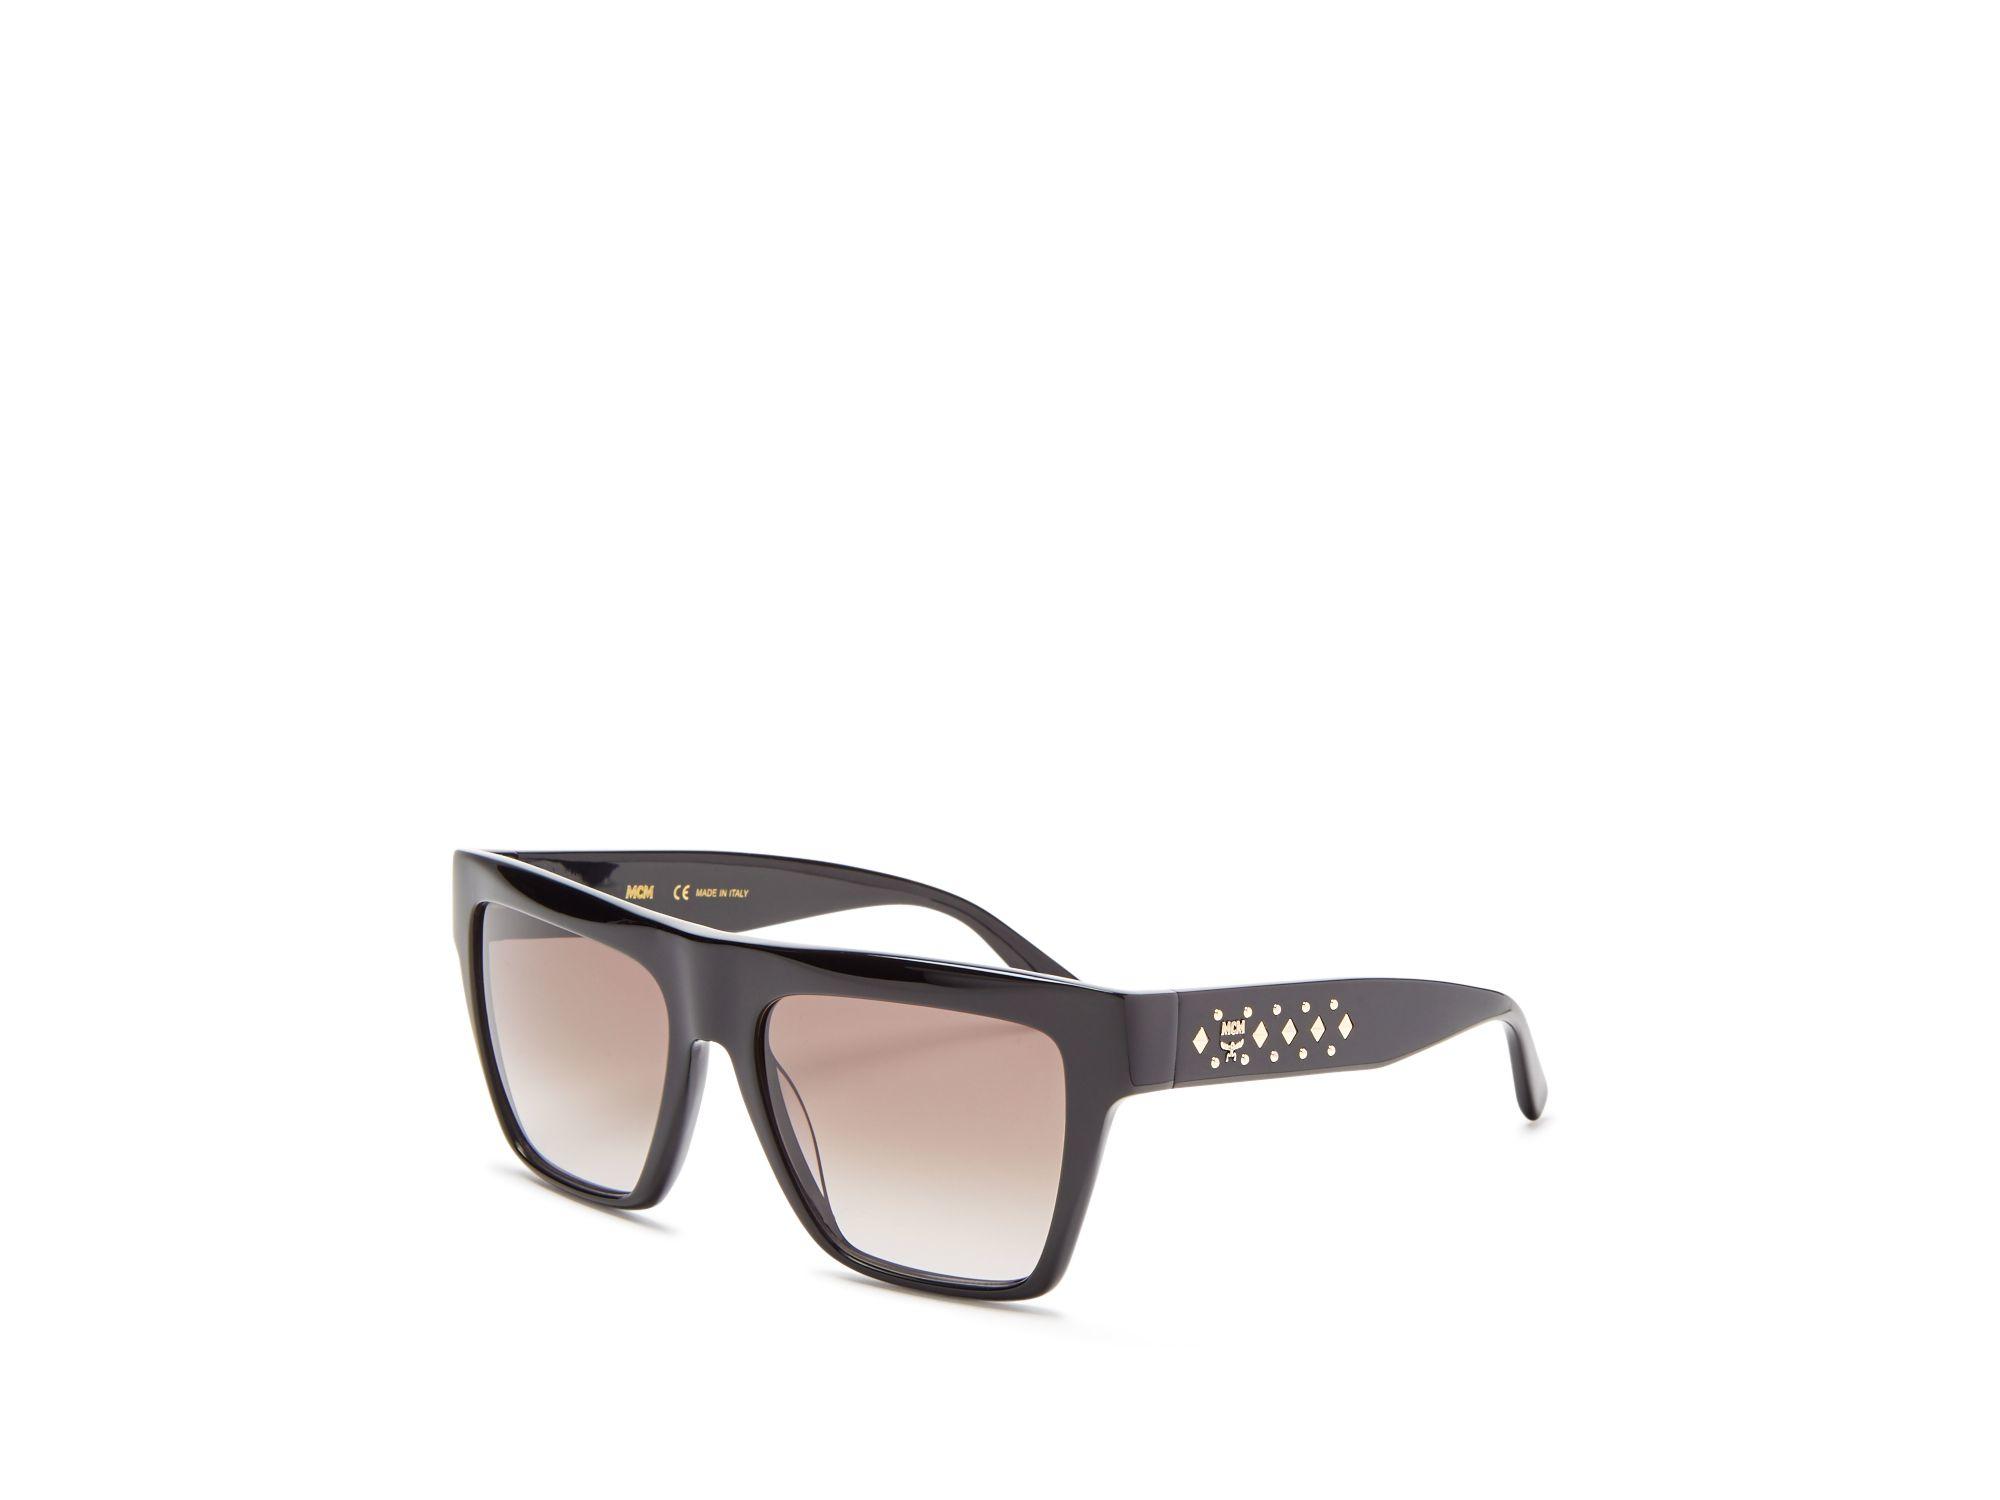 6e68515e4b6 mcm-black-black-gradient-lens-square-flat-top-sunglasses -black-product-0-128281070-normal.jpeg